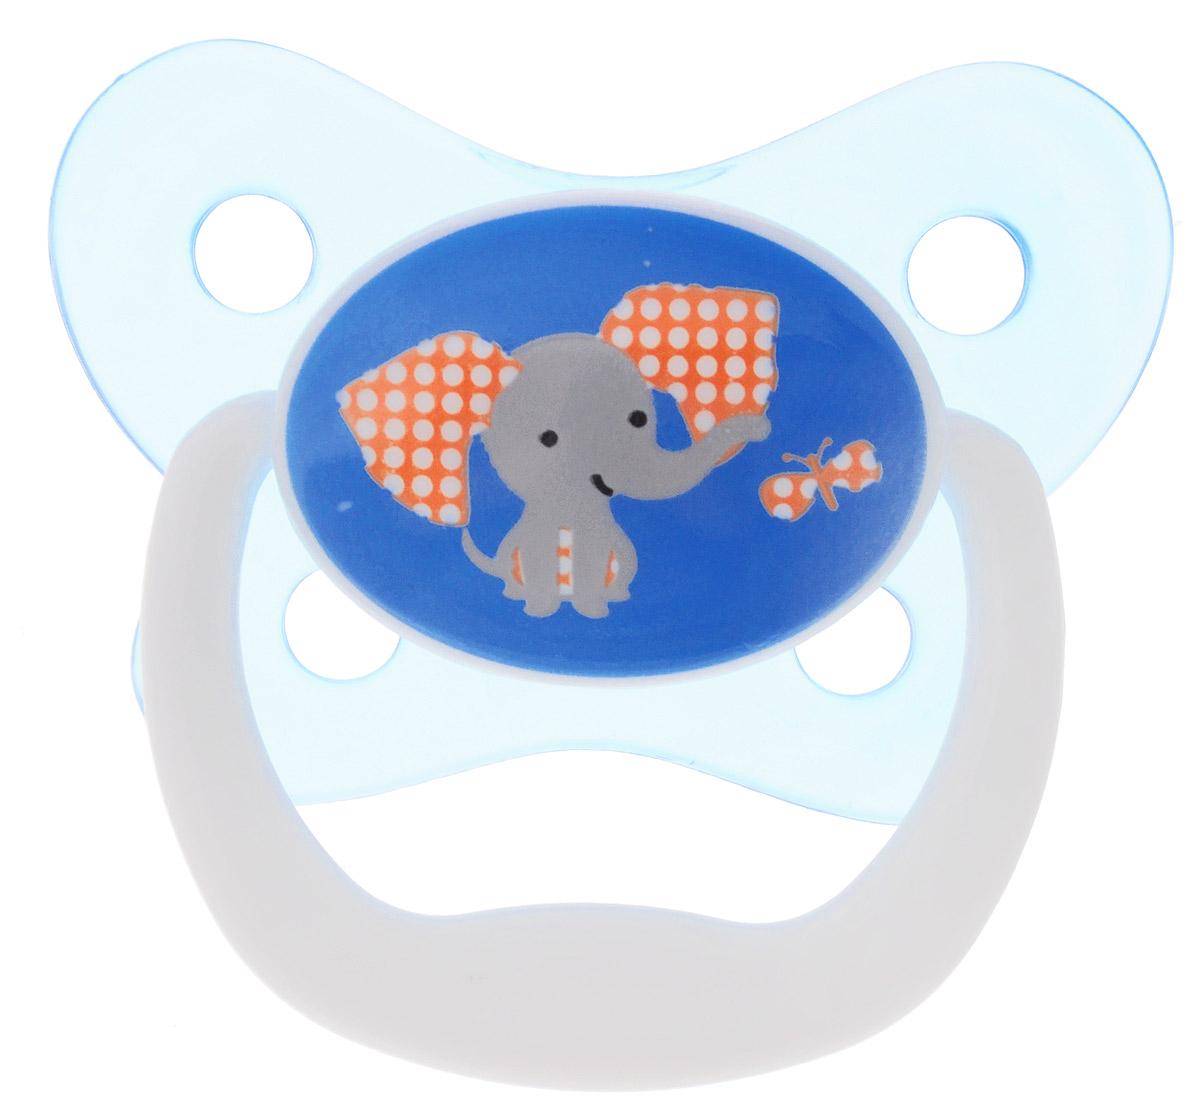 Dr. Brown's Пустышка PreVent Бабочка Слон от 6 до 12 месяцев цвет голубой